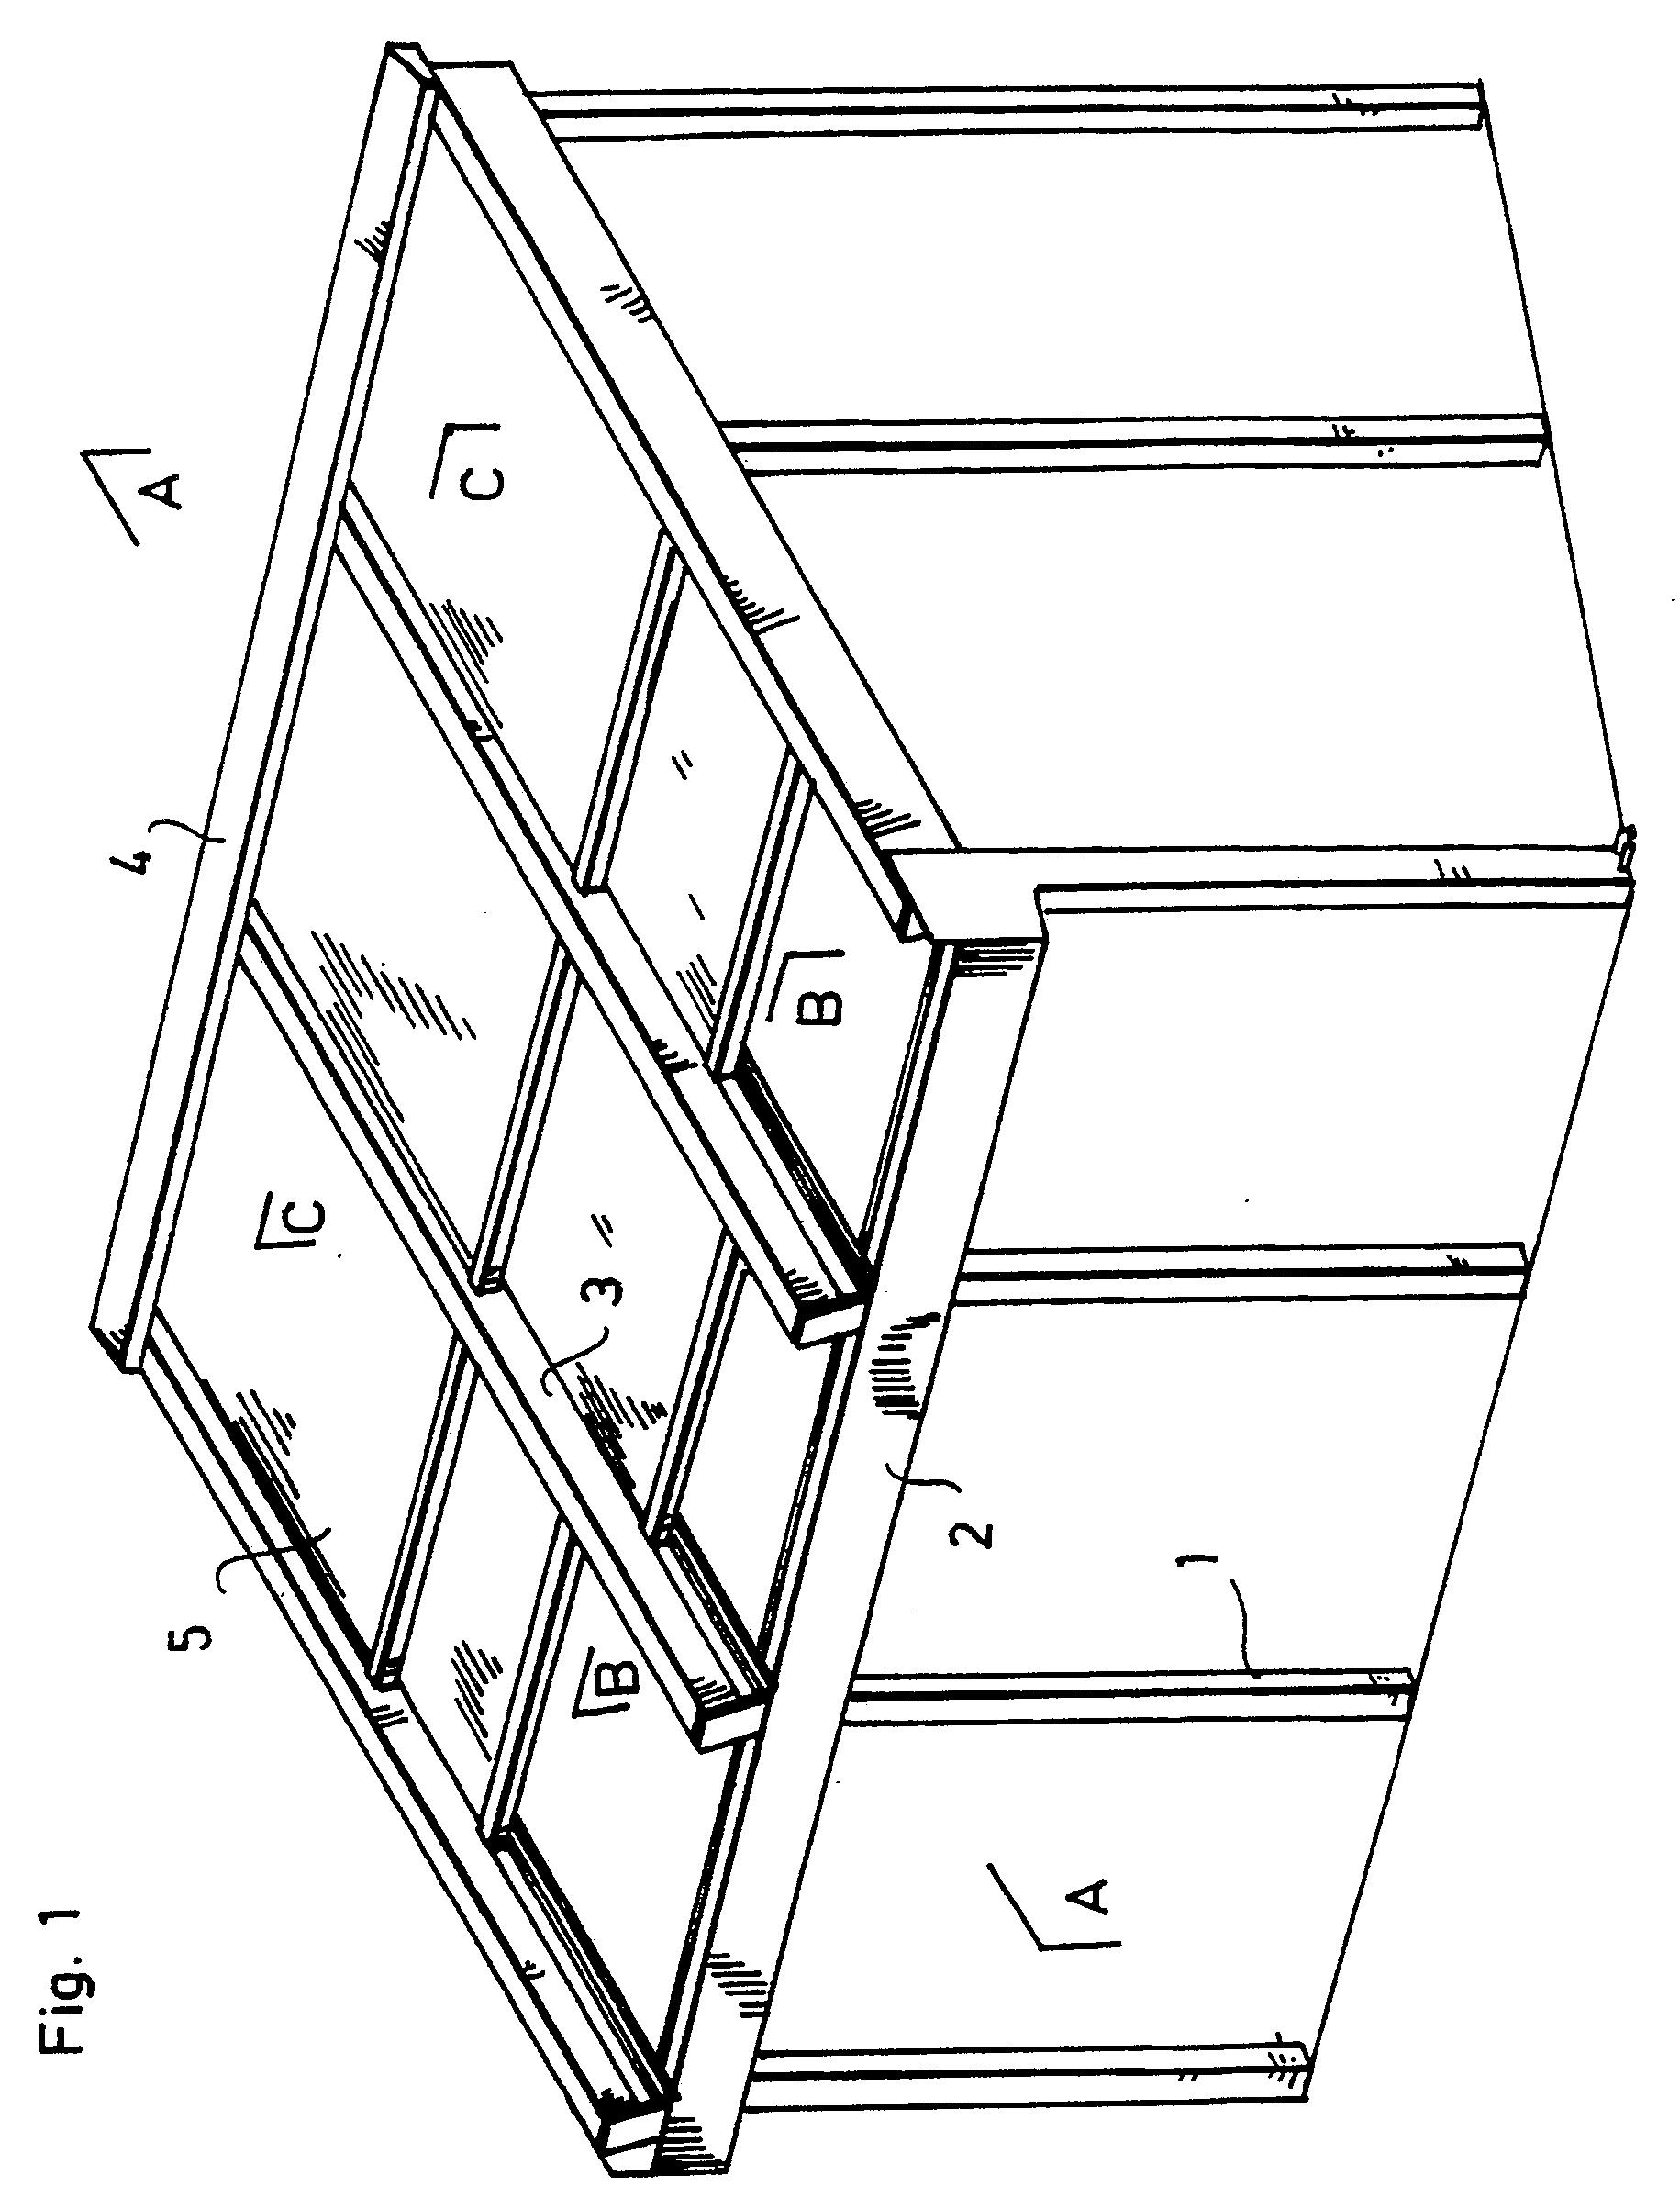 Patent ep0239141b1 syst me de toiture ouvrante notamment pour v randa et - Veranda profil systeme ...